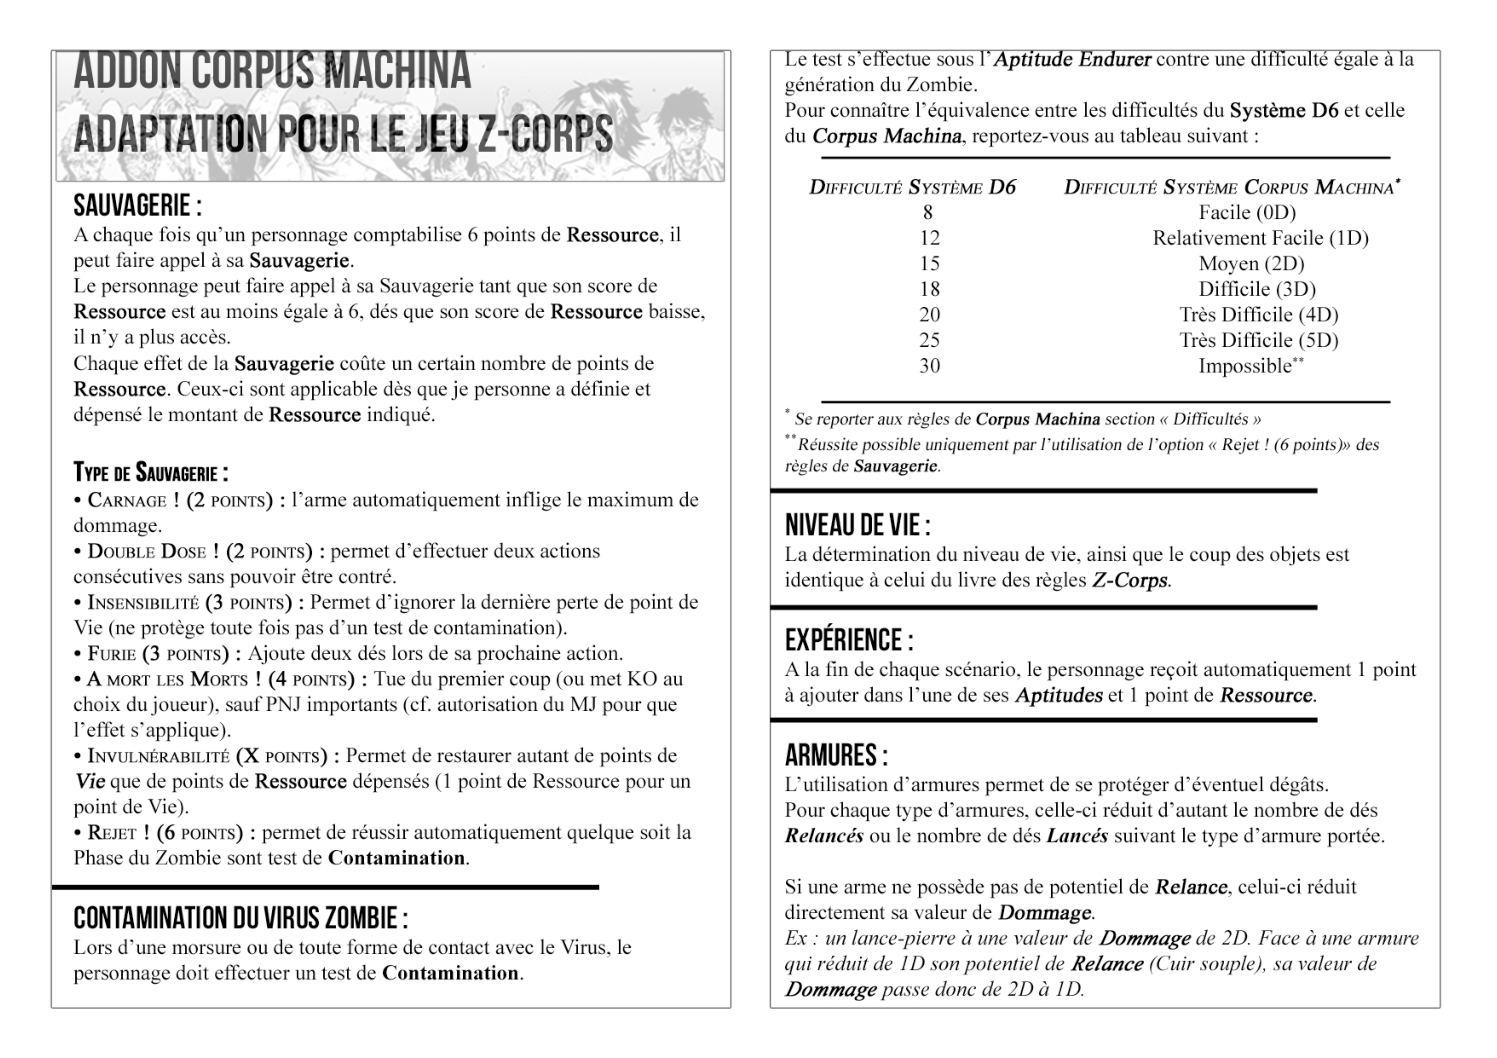 5876f4282fb43d Calaméo - Adaptation Corpus Machina Z-Corps